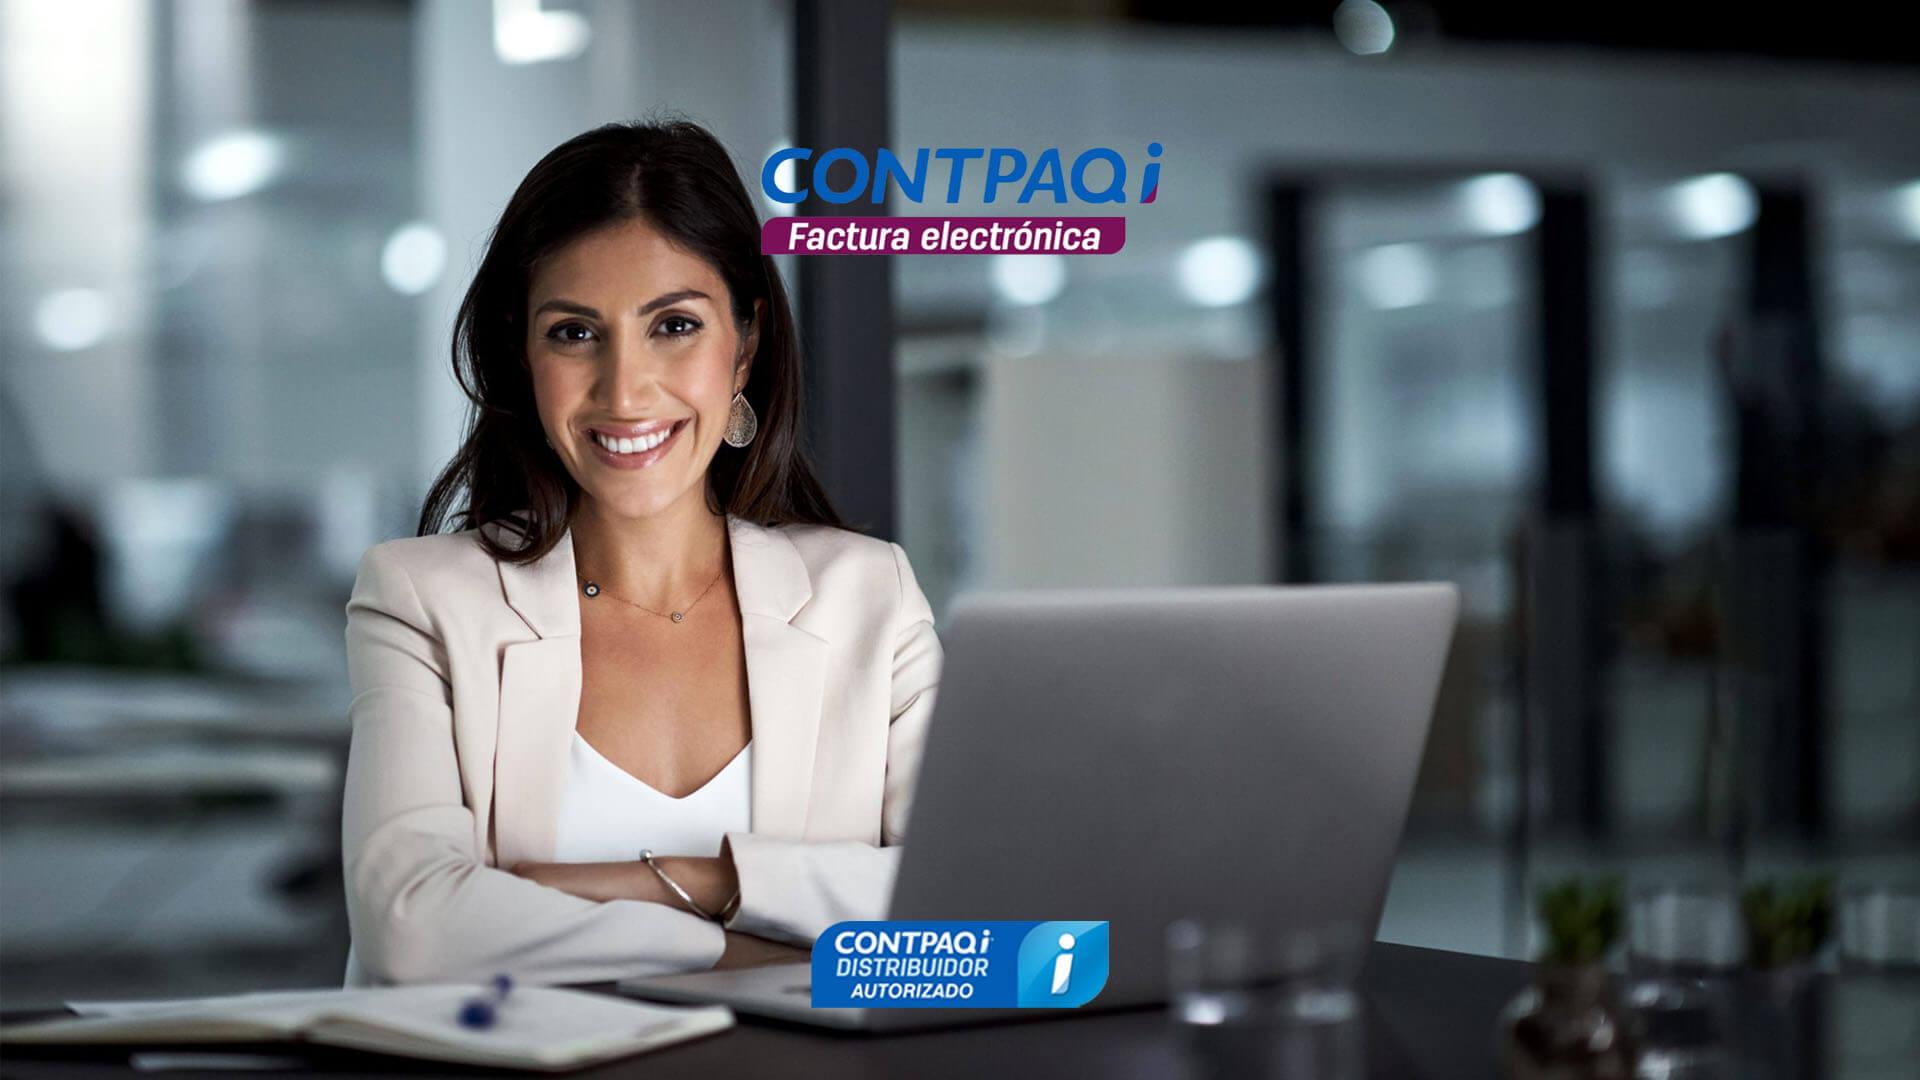 Contpaqi Factura Electronica CFDI 3.3 Distribuidor Autorizado, Baja California, México